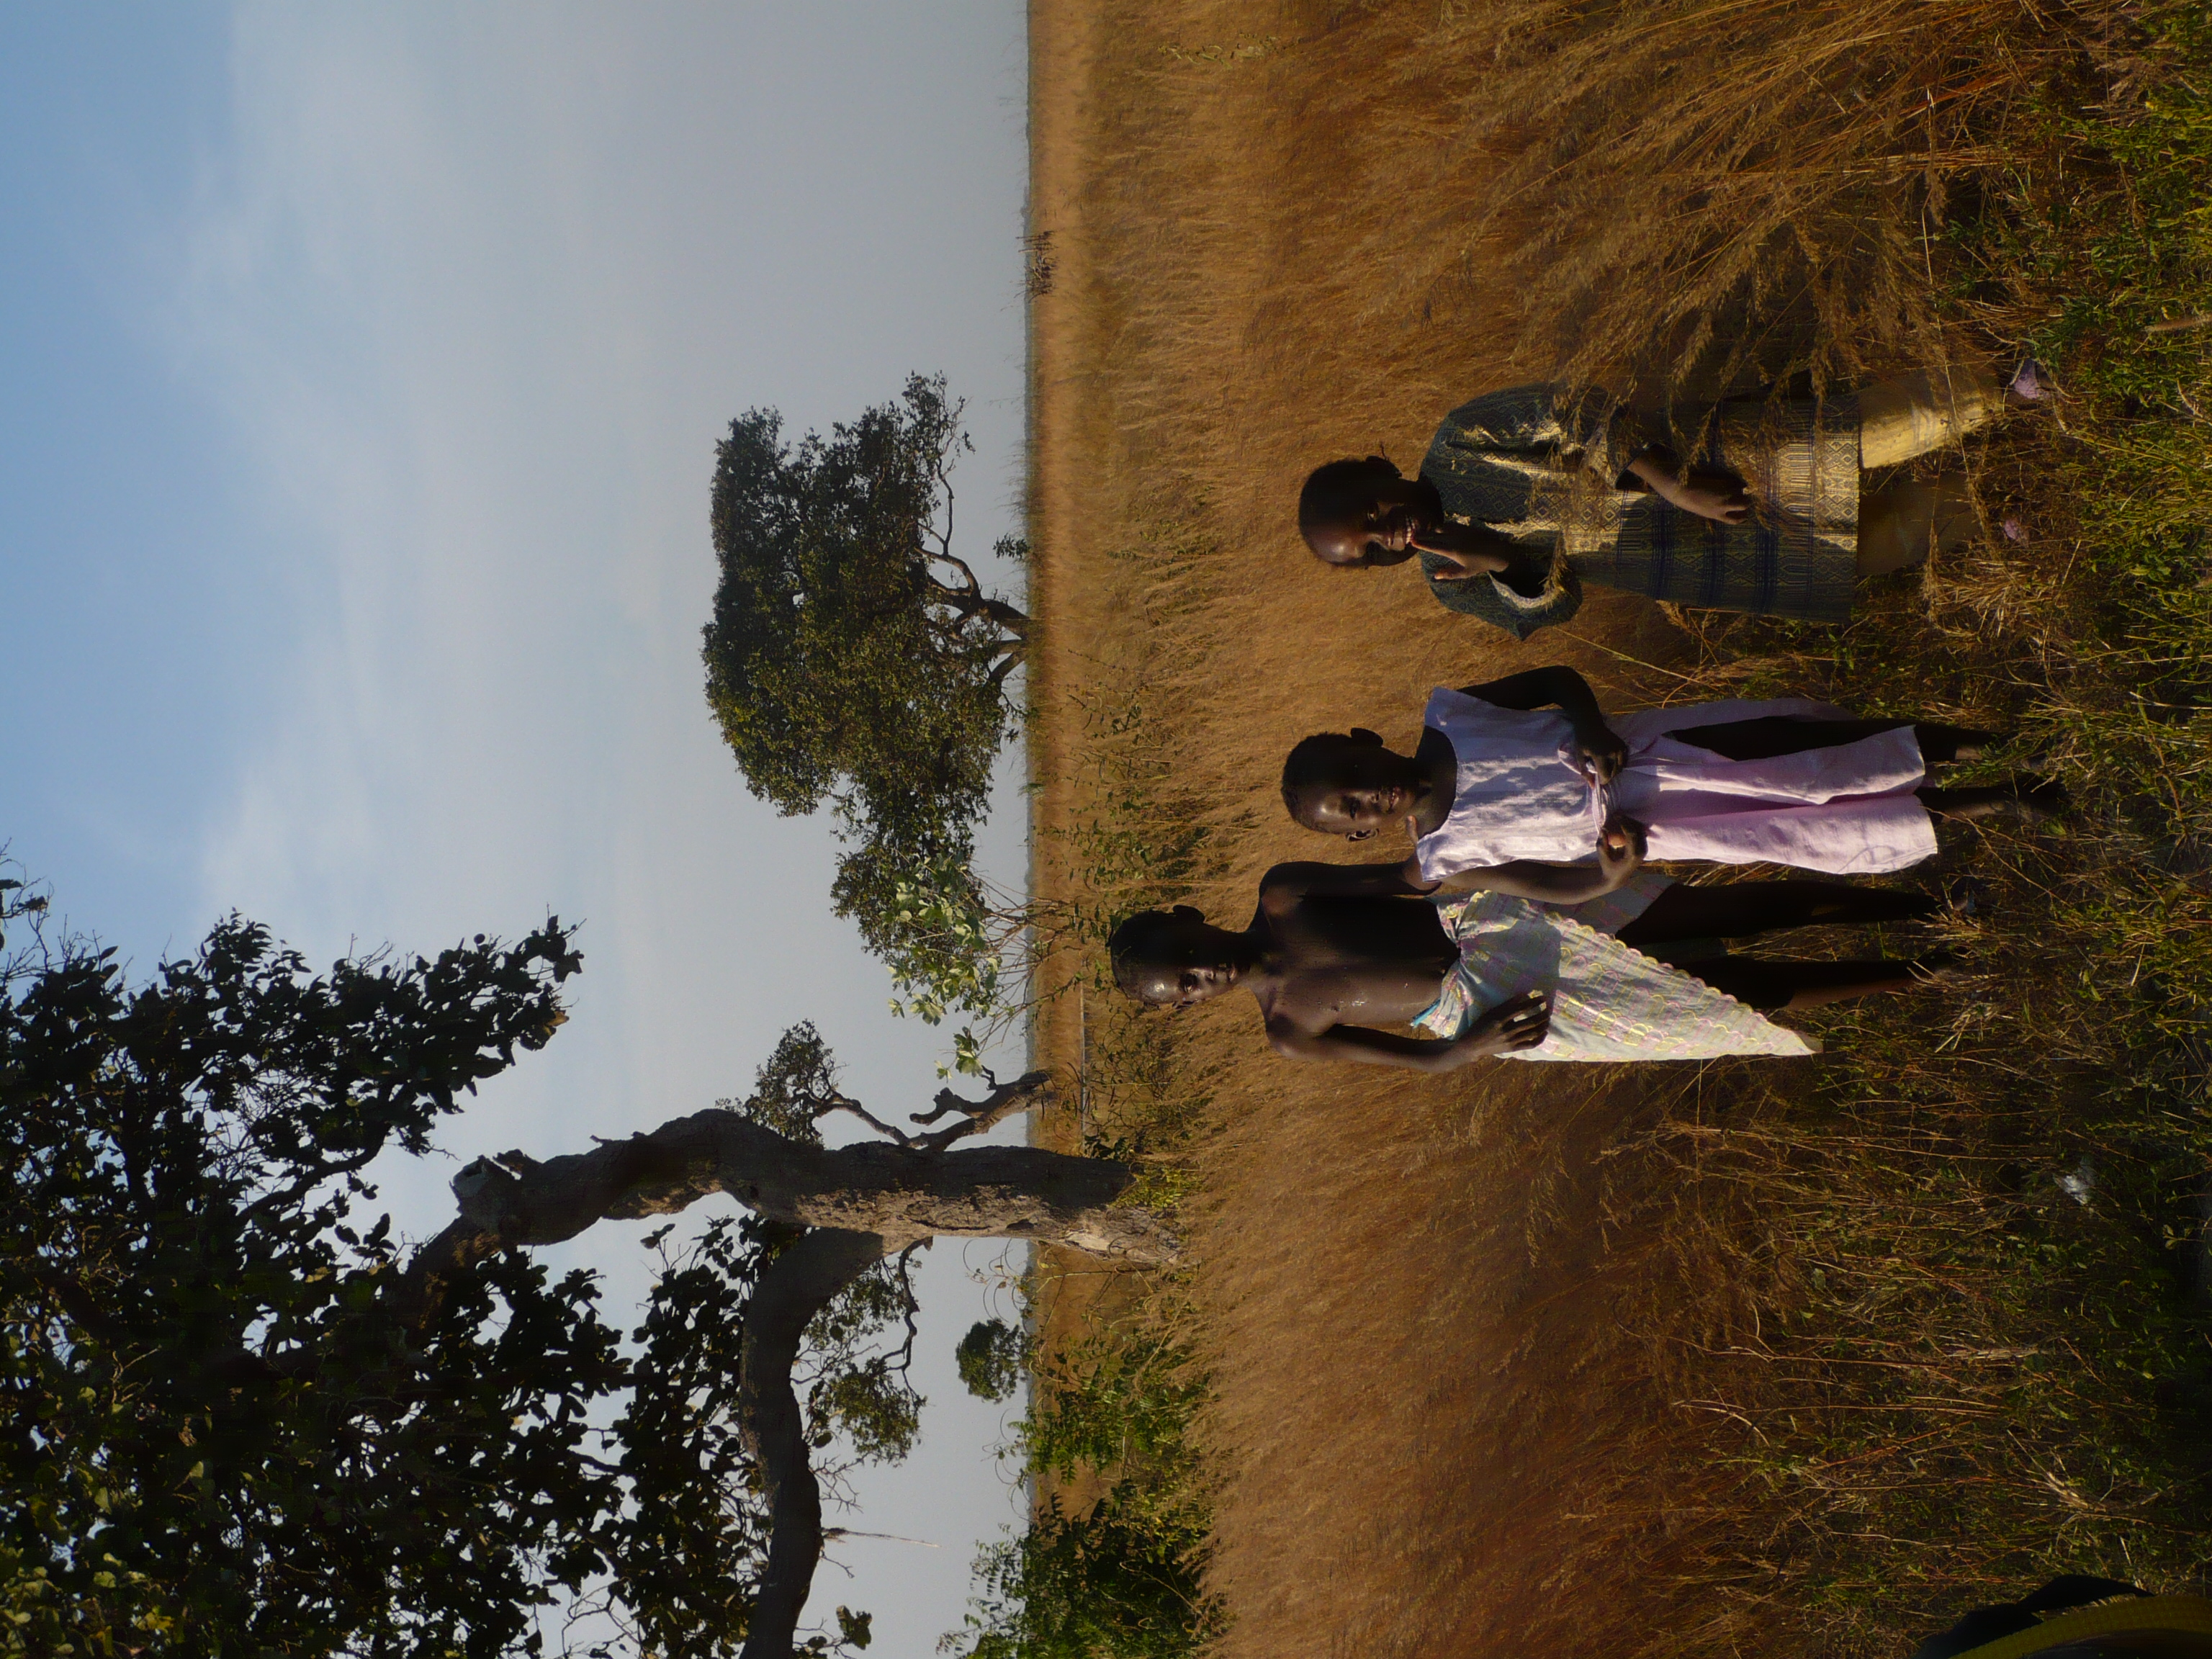 Des enfants dans la région sénégalaise de la Casamance (Eduard Garcia/Flickr)